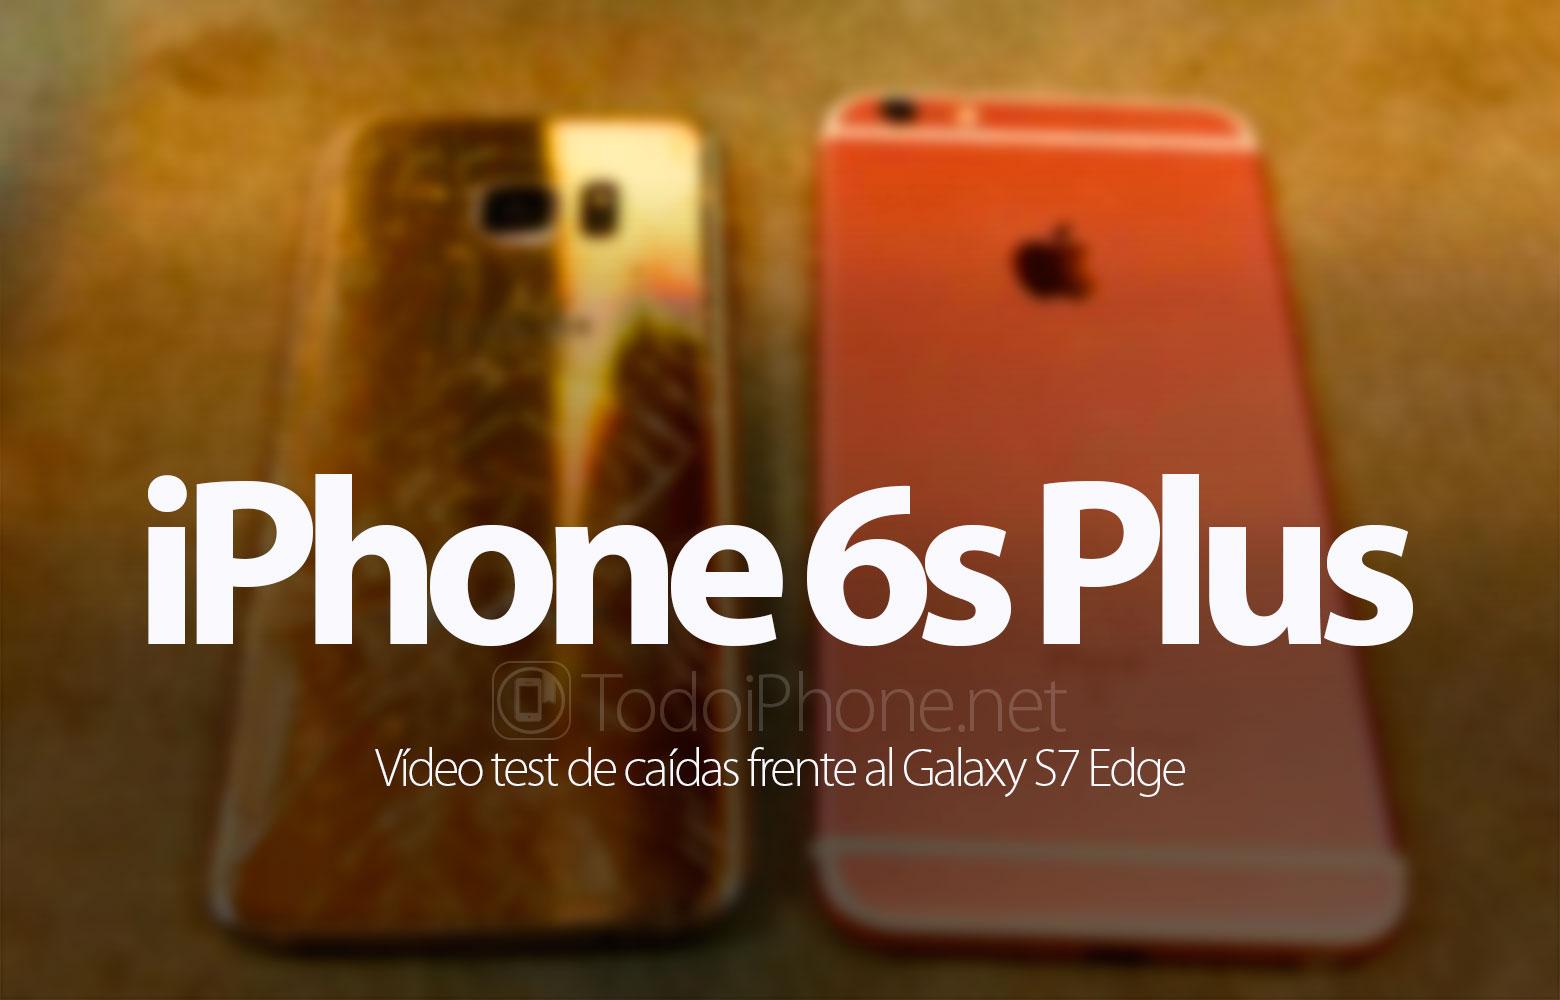 iphone-6s-plus-galaxy-s7-edge-test-caidas